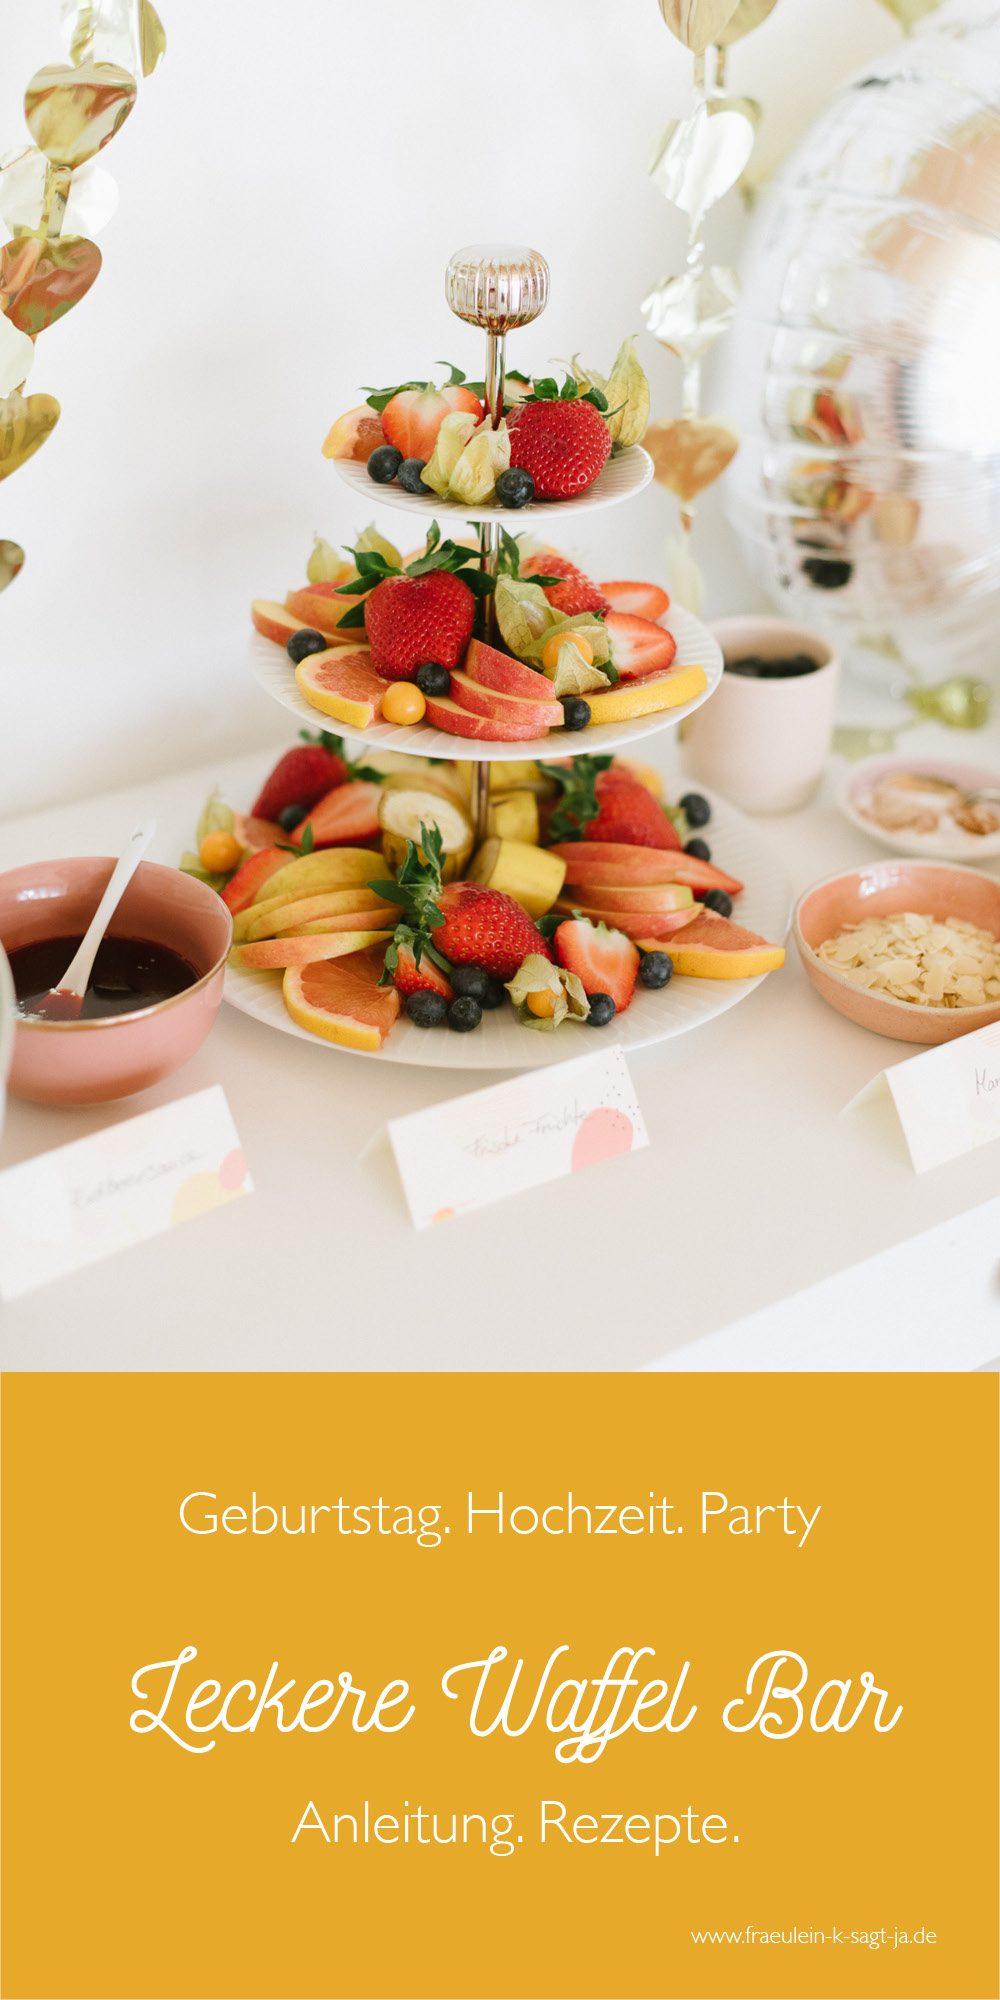 Anleitung Waffel Bar Hochzeit Geburtstag